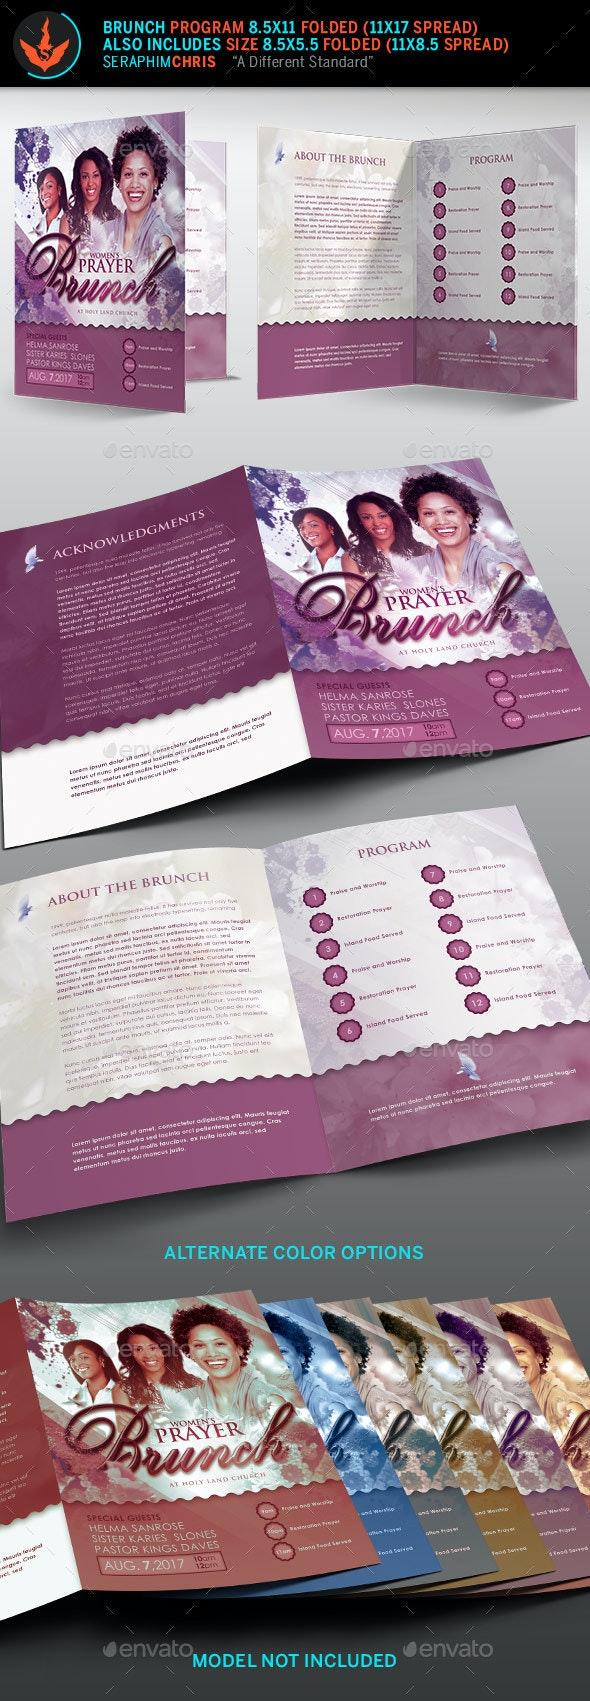 Prayer Brunch Church Program Template - Informational Brochures